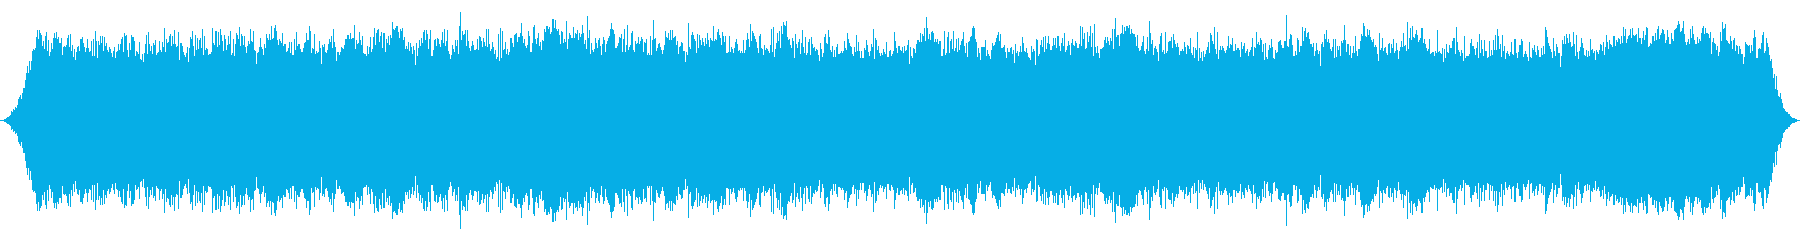 ヘビーブリザードウィンド:細い突風...の再生済みの波形